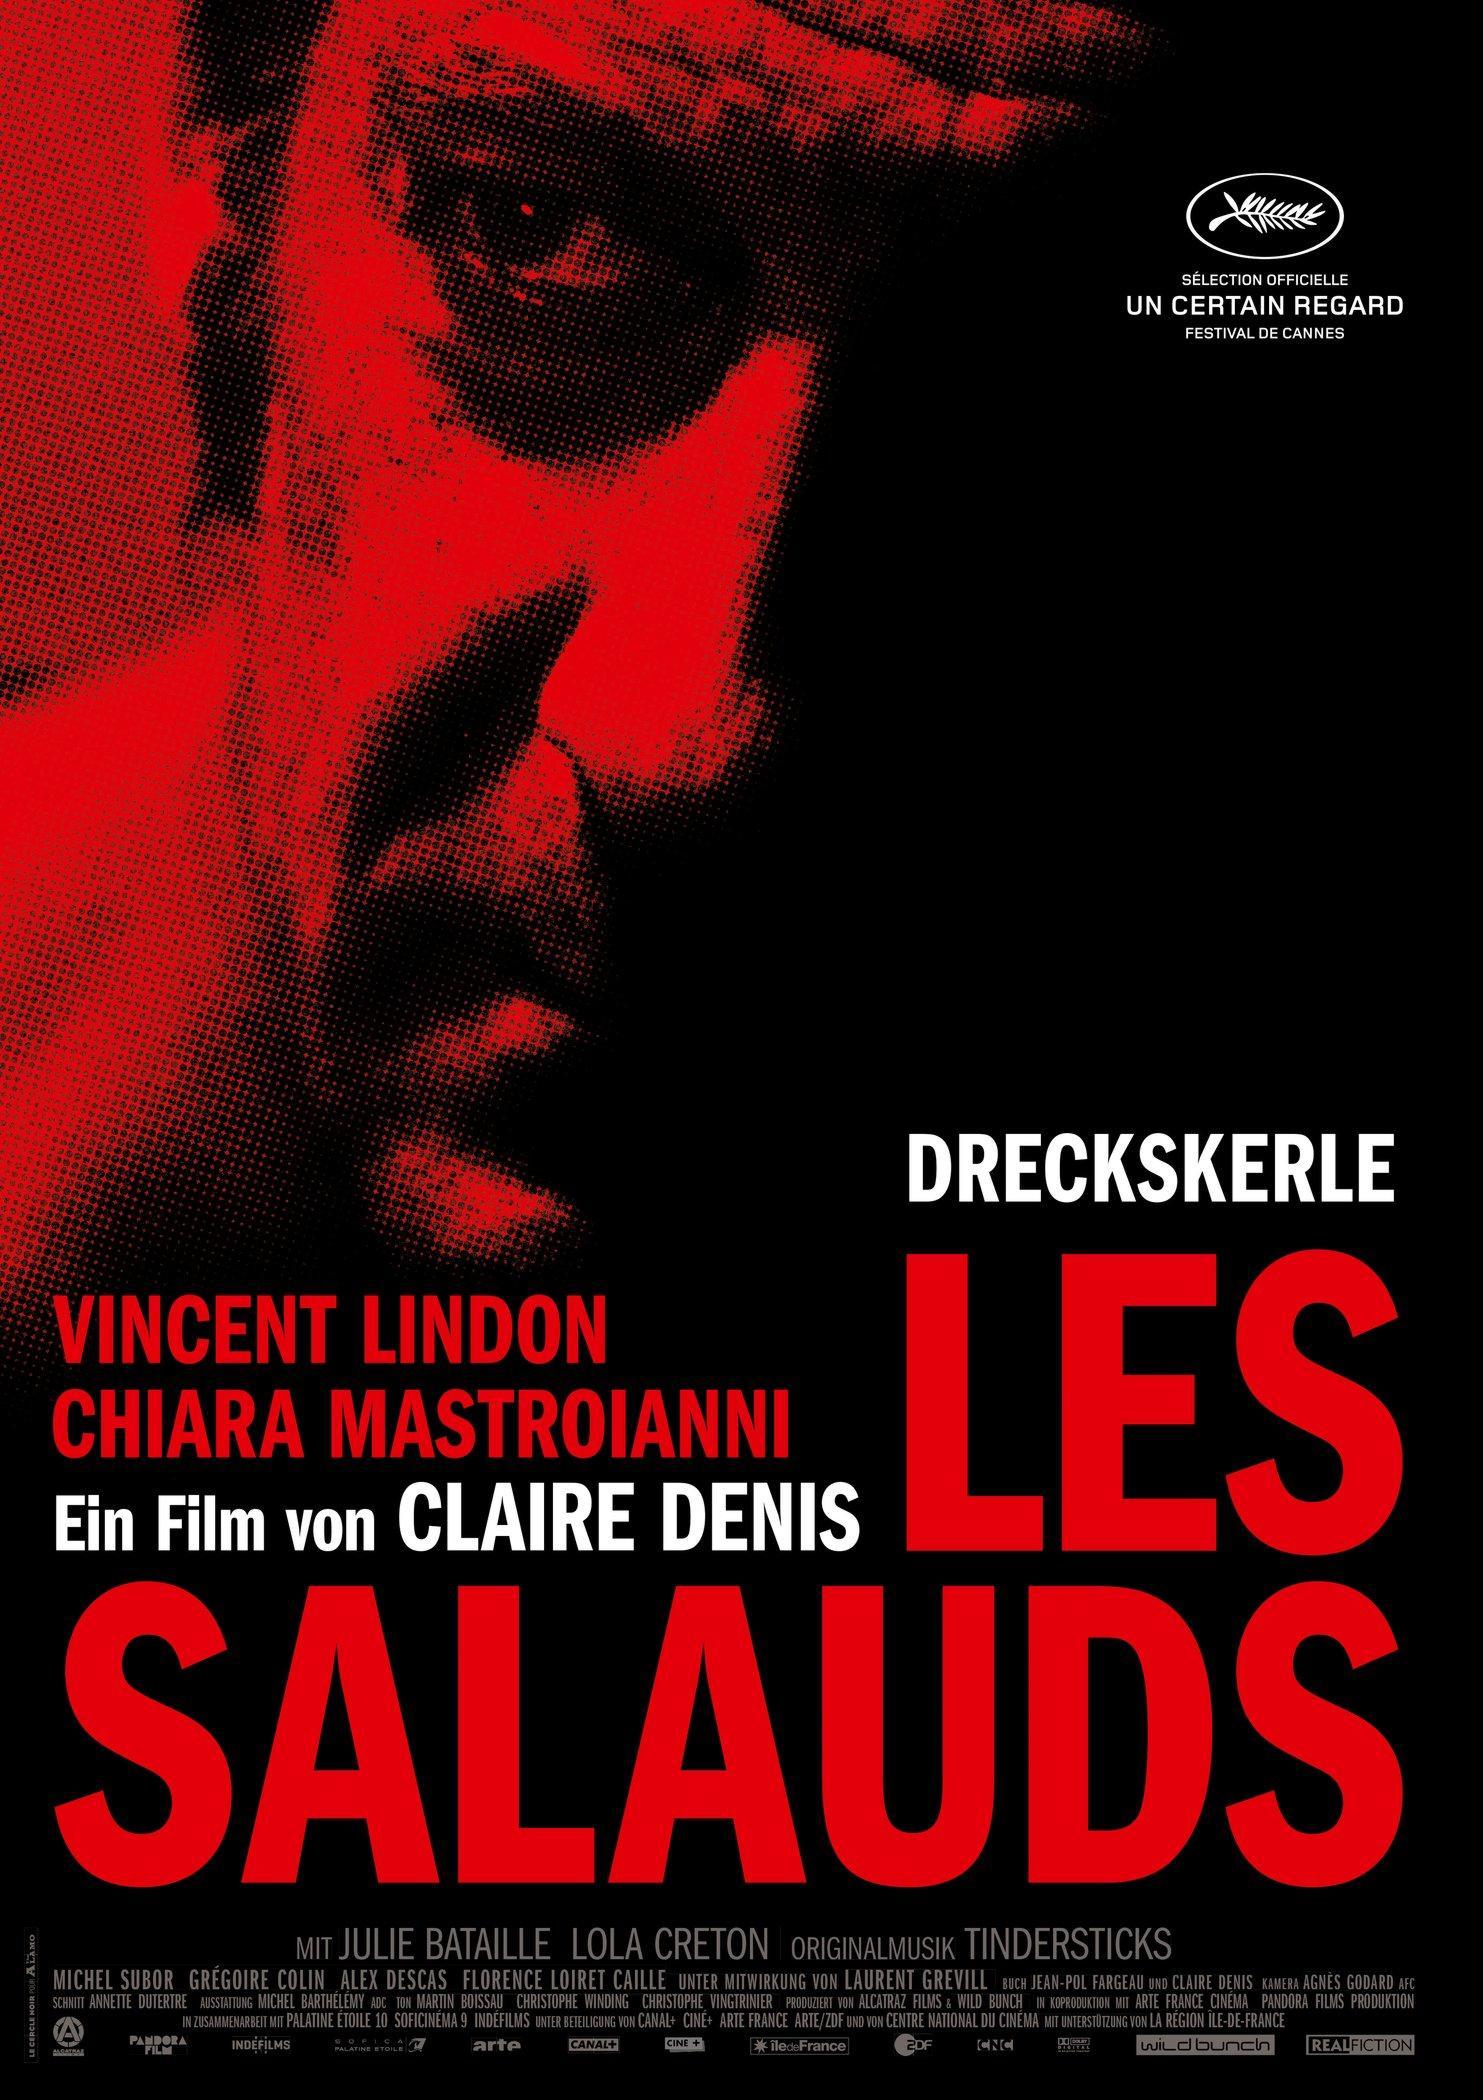 Les Salauds - Dreckskerle (Poster)